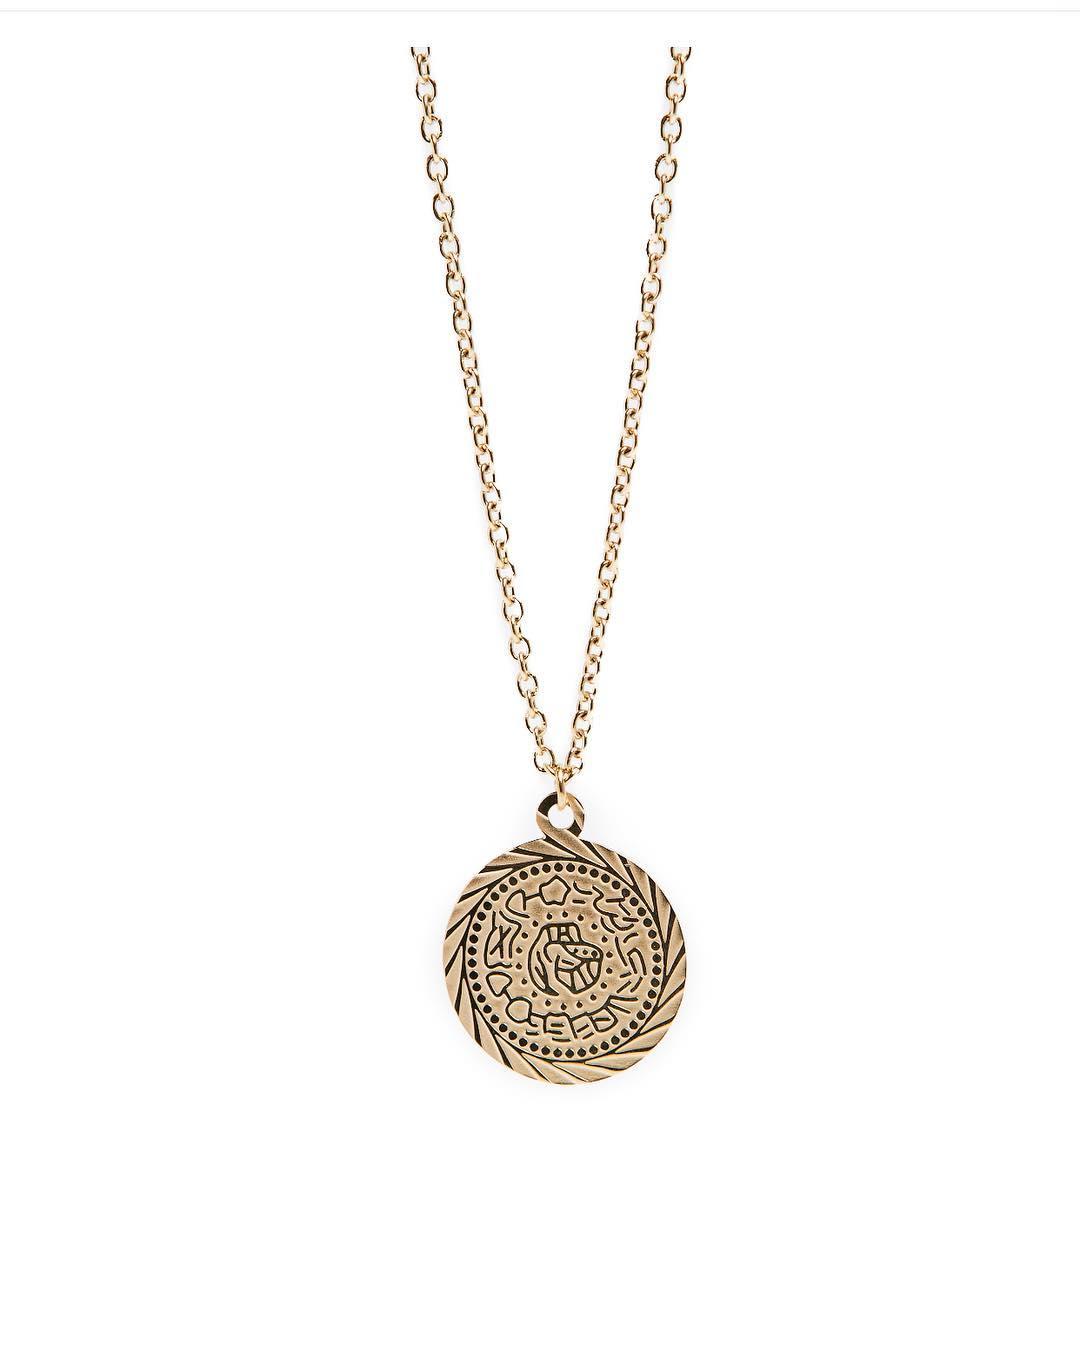 Silis halsketting Gypsy coin